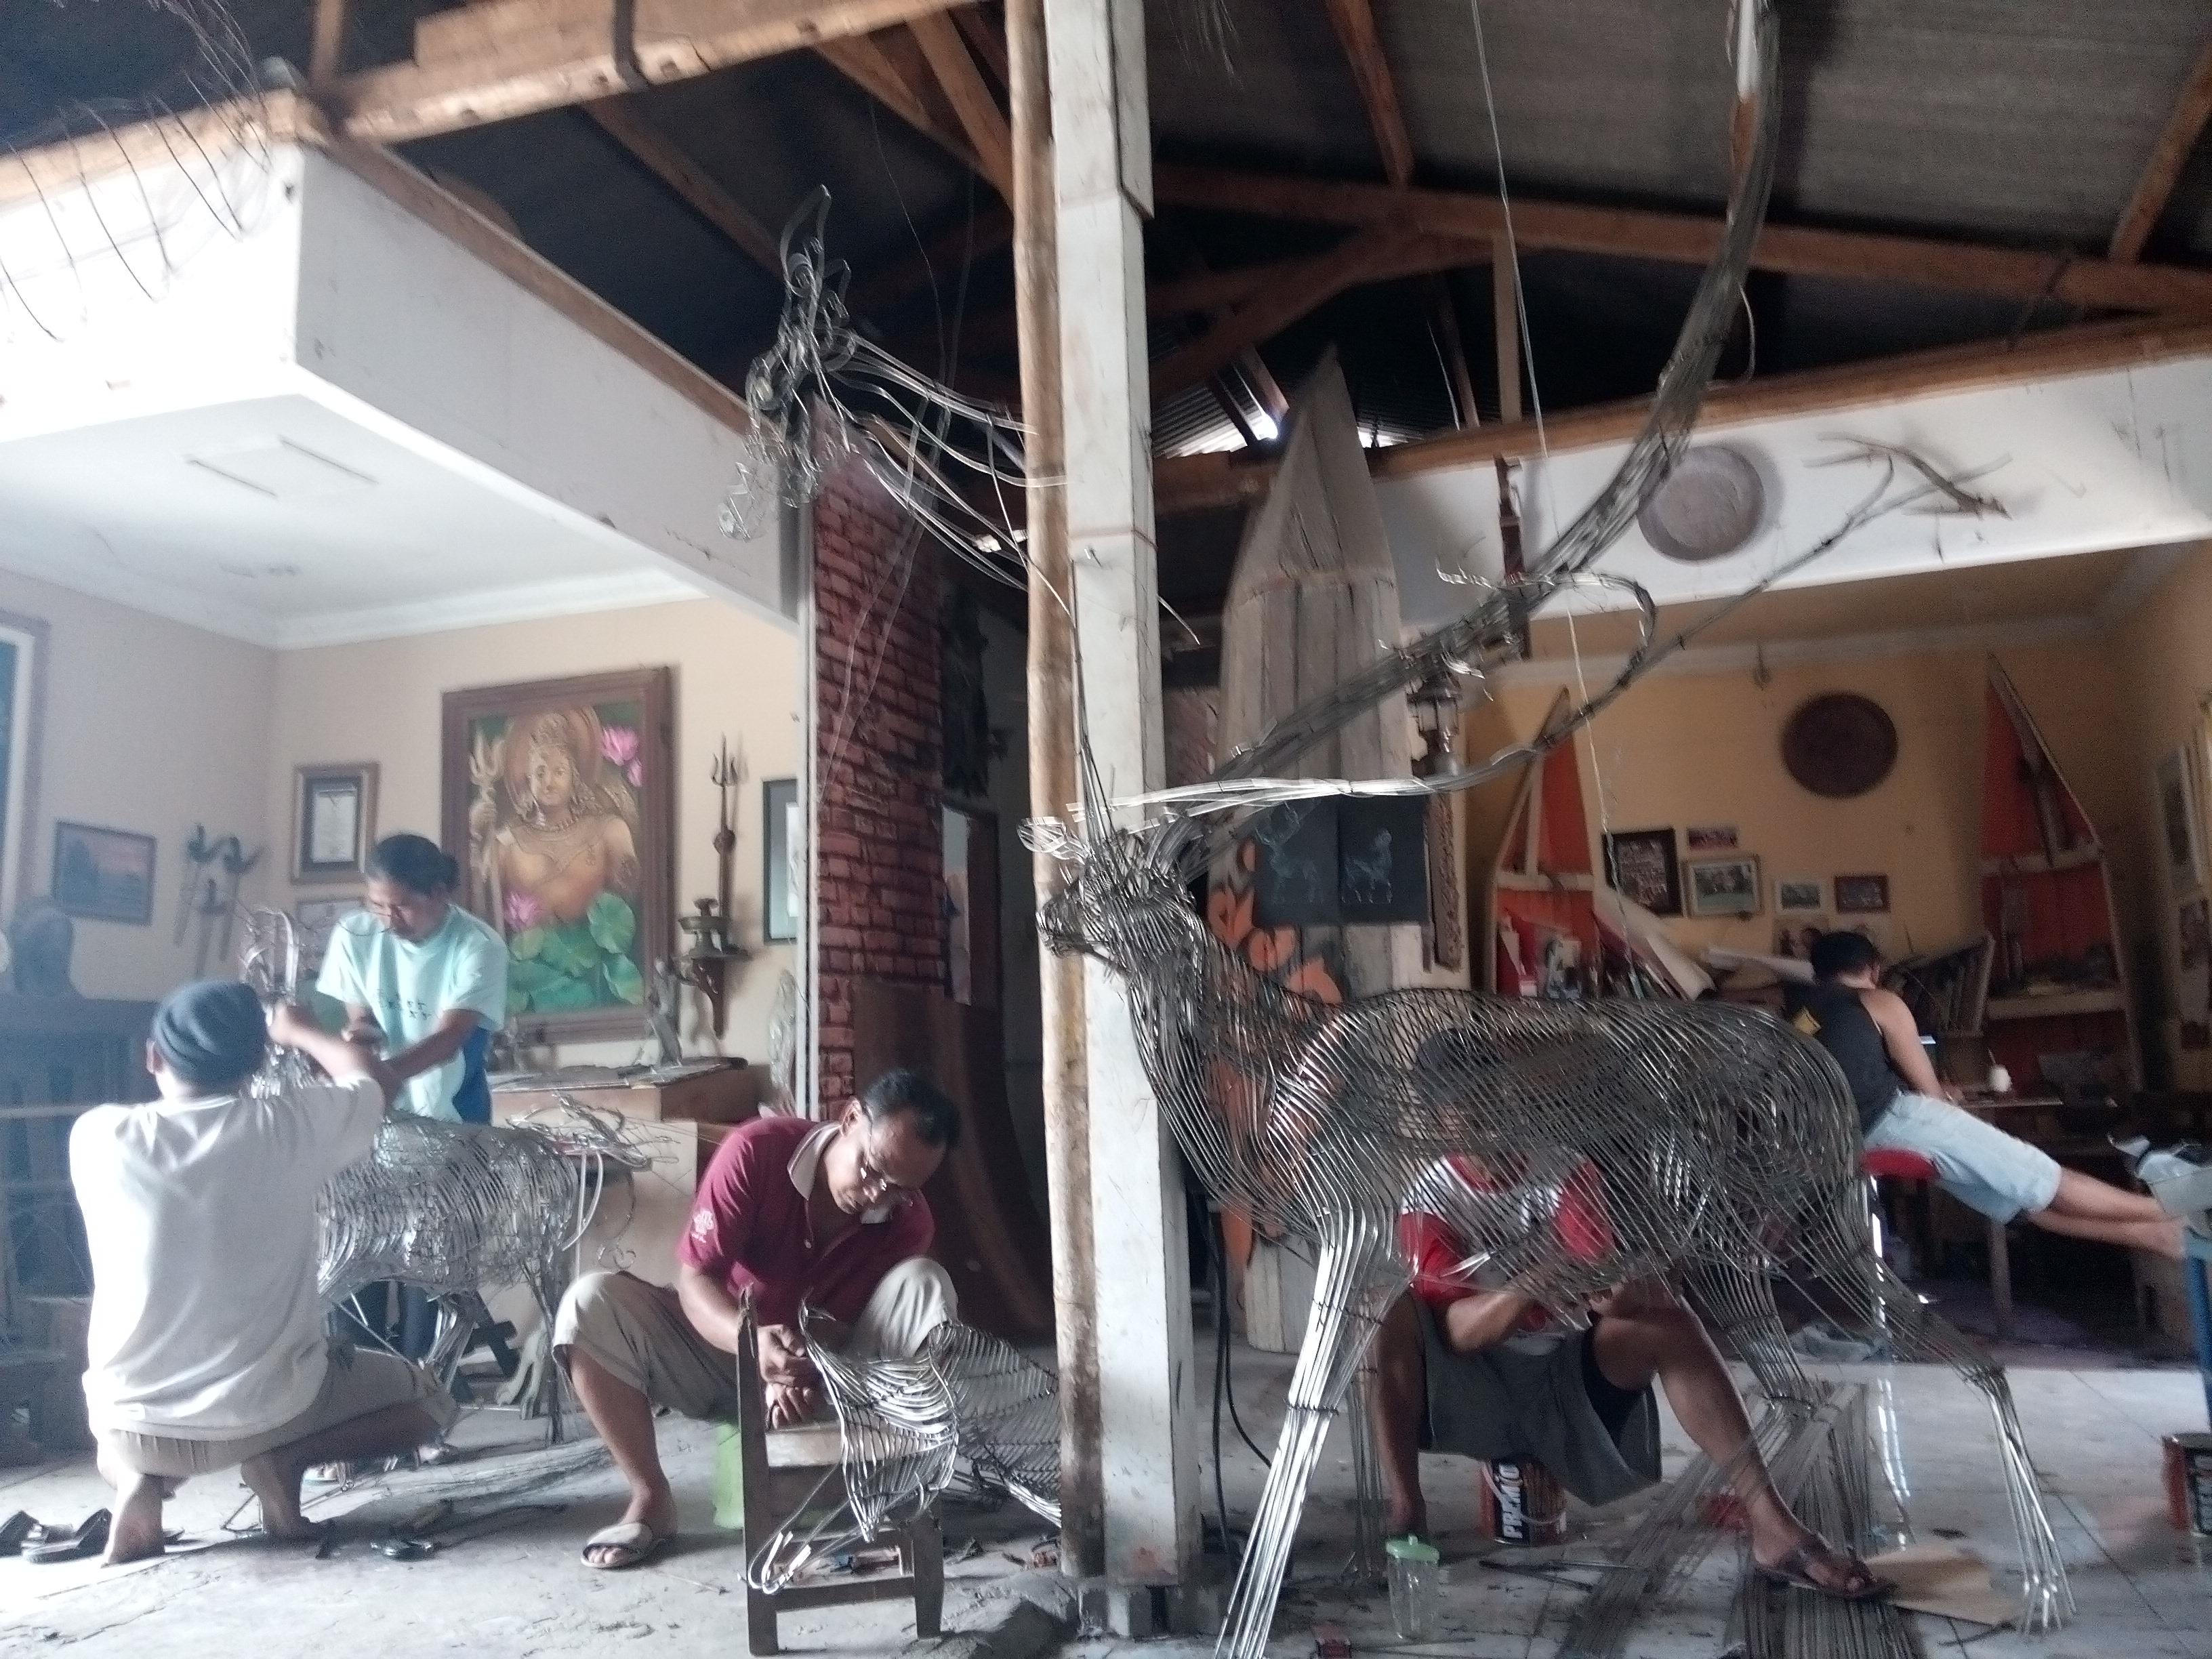 Leonardokrisna Leka Studio Team Work Sanggar Seni Gedong Songo Kab